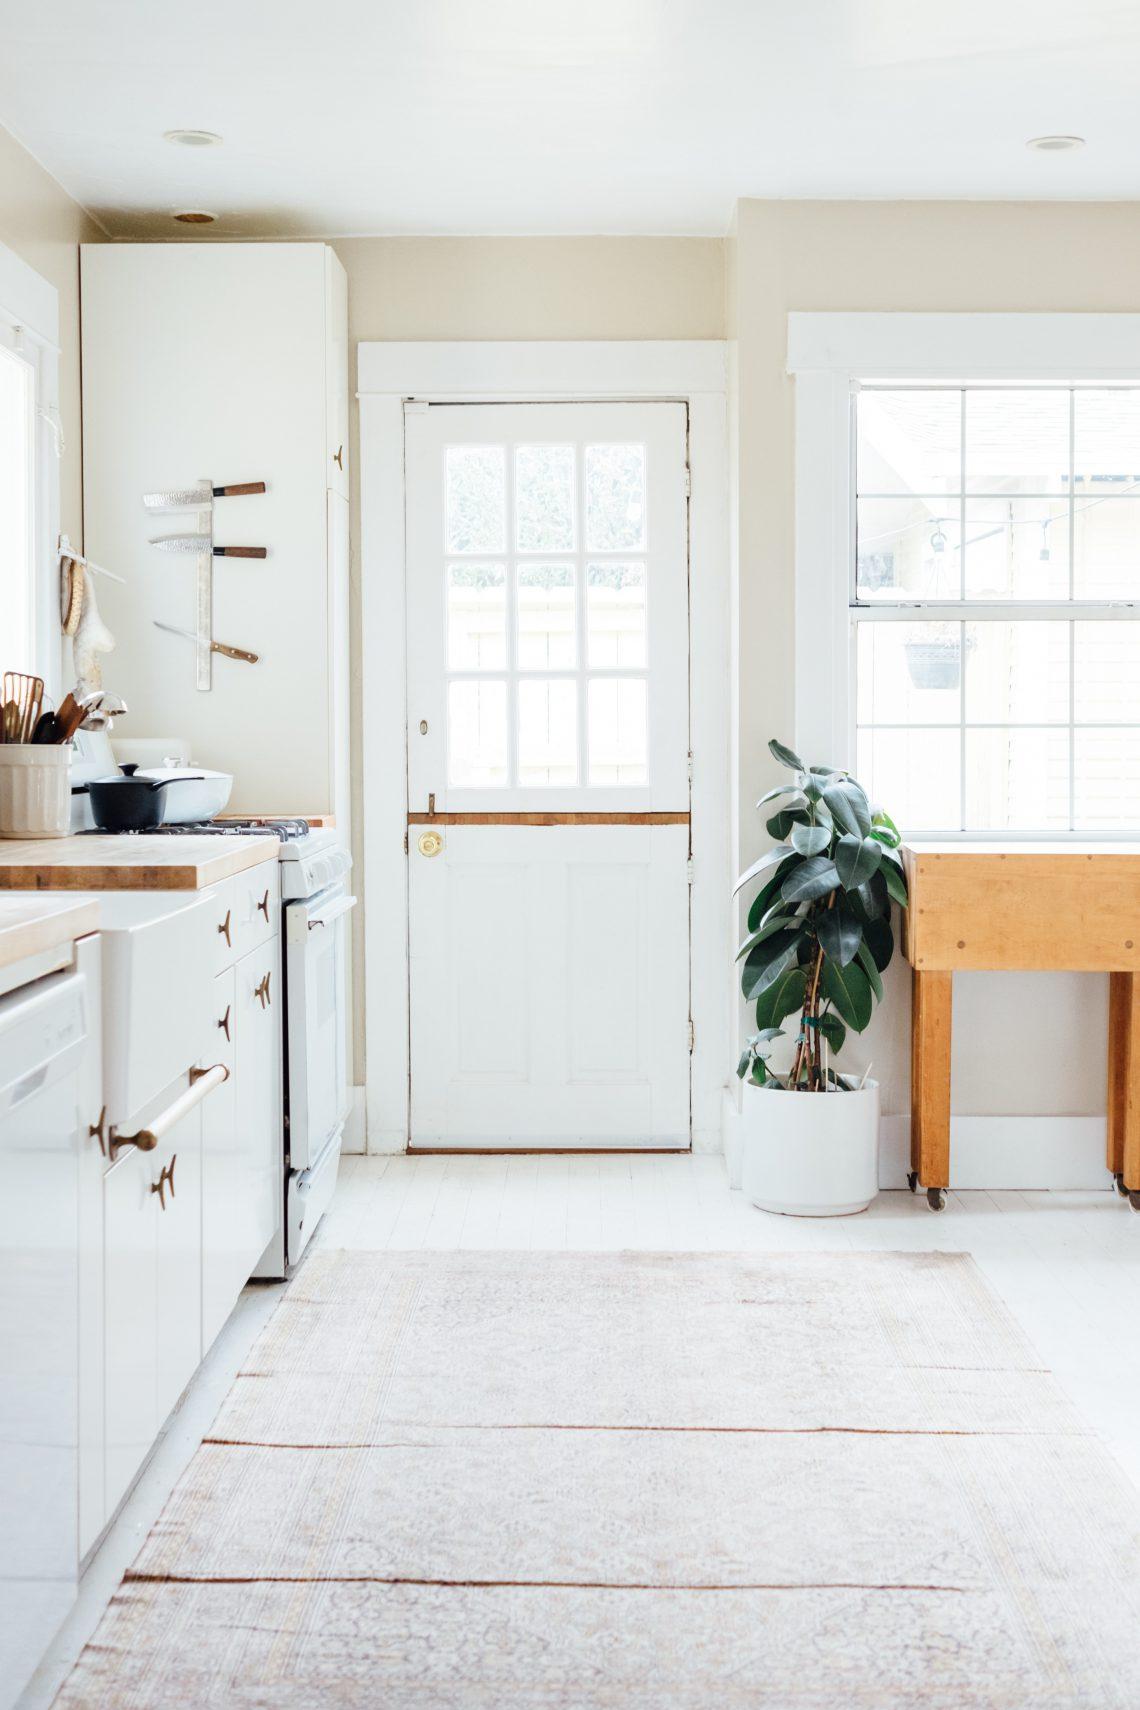 Mit 10 einfachen Mitteln die Küche verschönern ⋆ Valerie Gerards